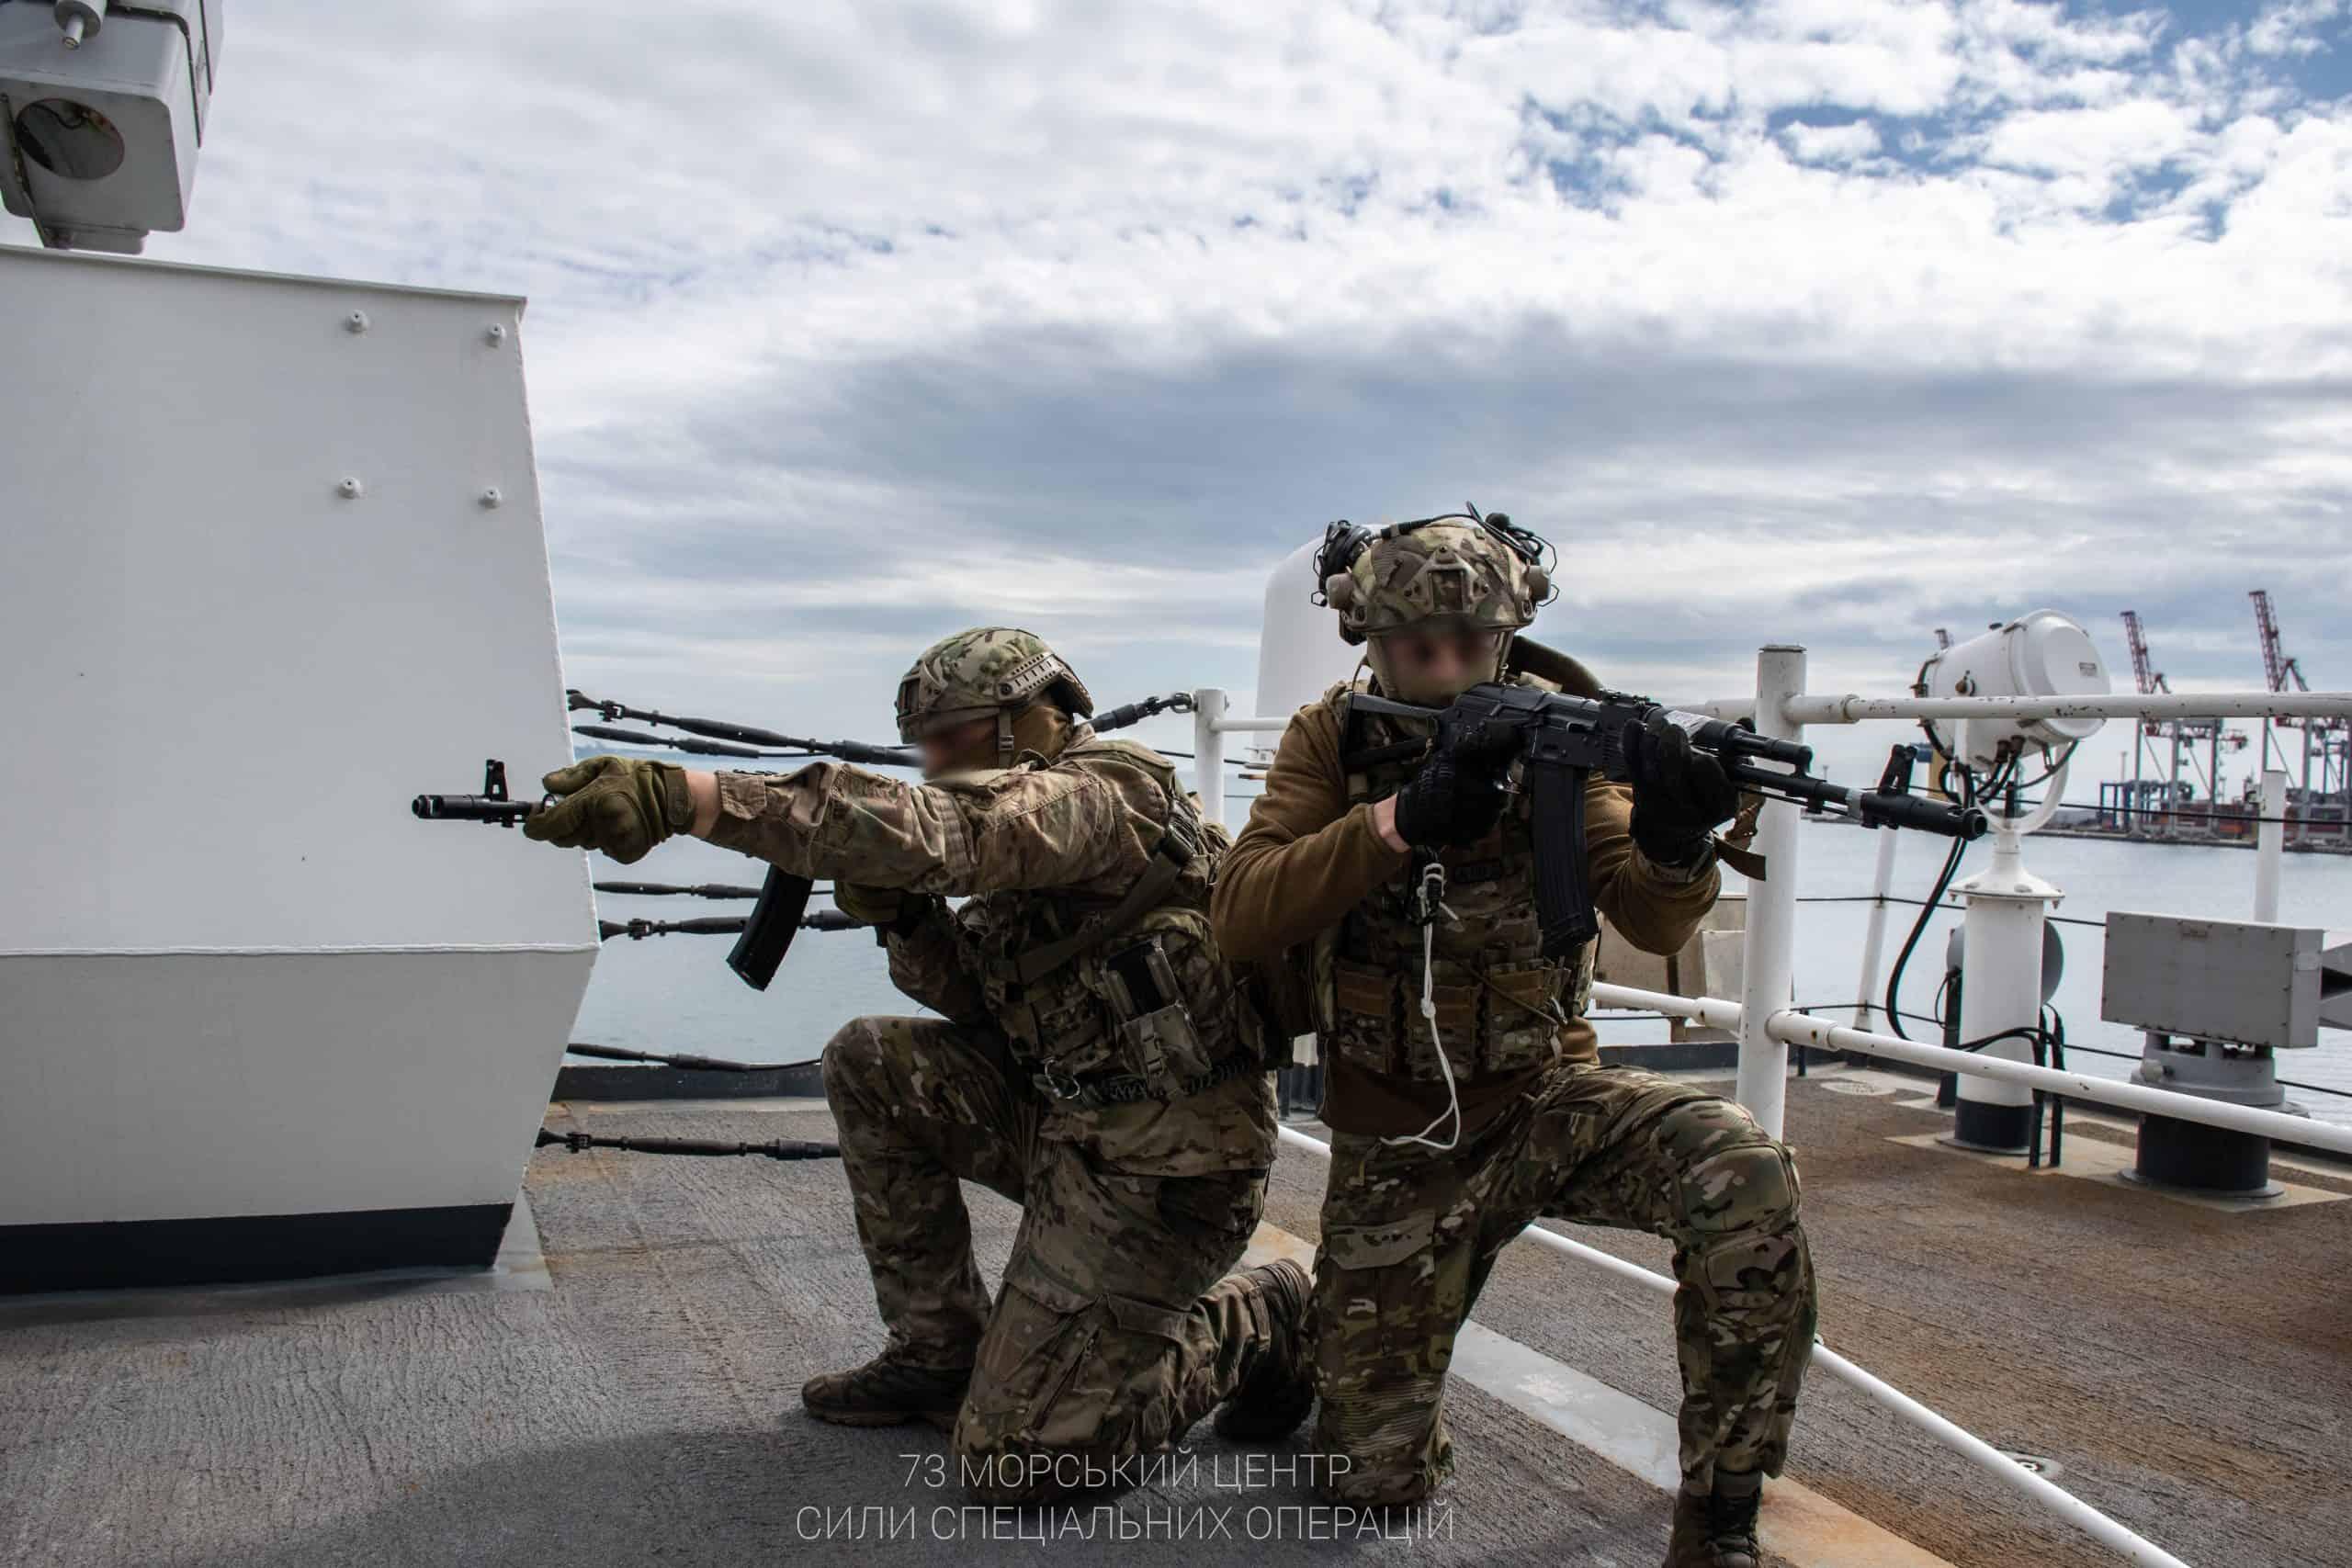 Тренування спецпризначенців 73 морського центру СпП ім кошового отамана Антіна Головатого